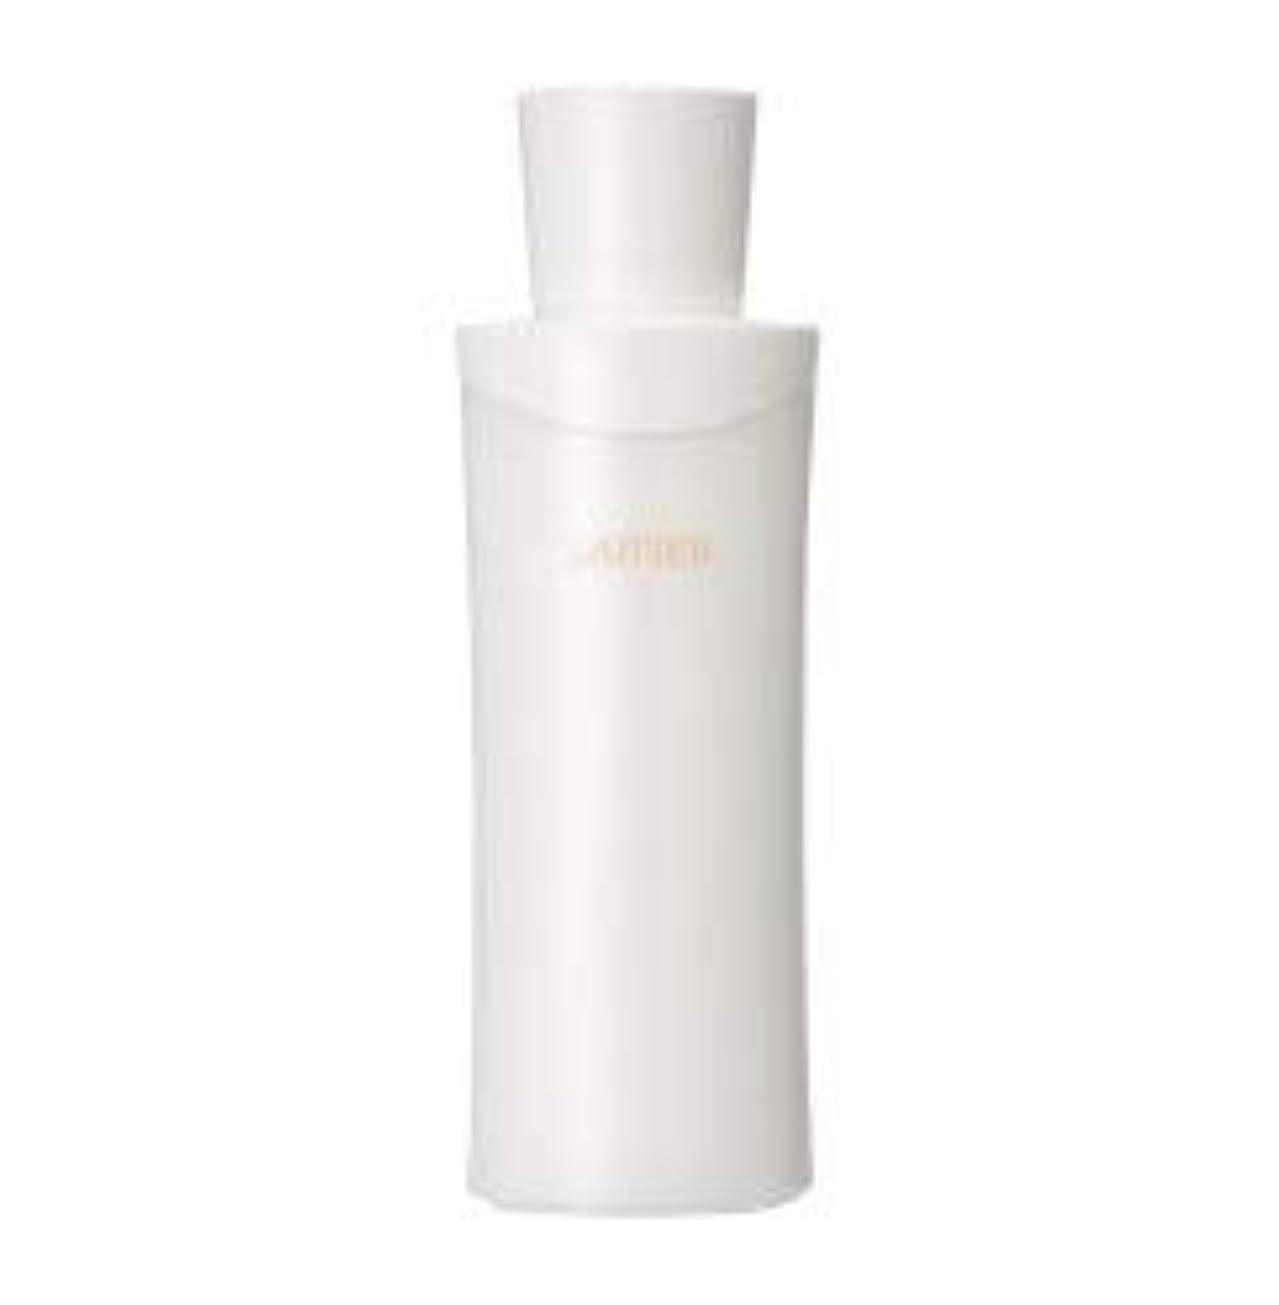 キメを整えるさっぱりタイプの乳液、しっとりとした肌に。LAITIER レチエ ミルクローション 100ml 化粧品 メイク 乳液 肌 綺麗 しっとり